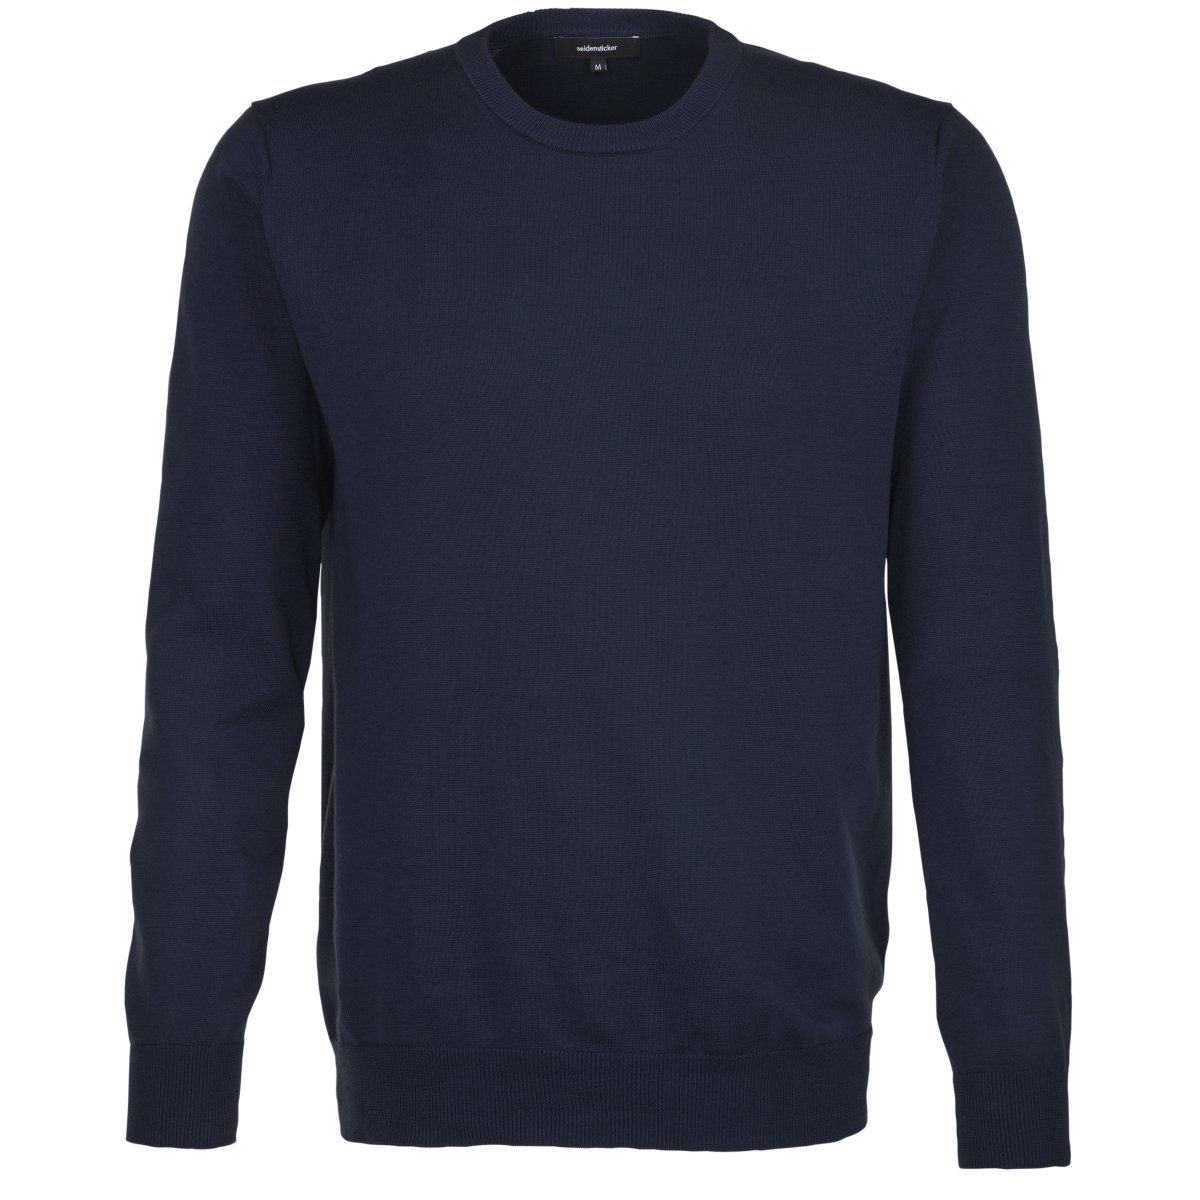 seidensticker Rundhalspullover »Schwarze Rose« Rundhals | Bekleidung > Pullover > Rundhalspullover | Blau | seidensticker